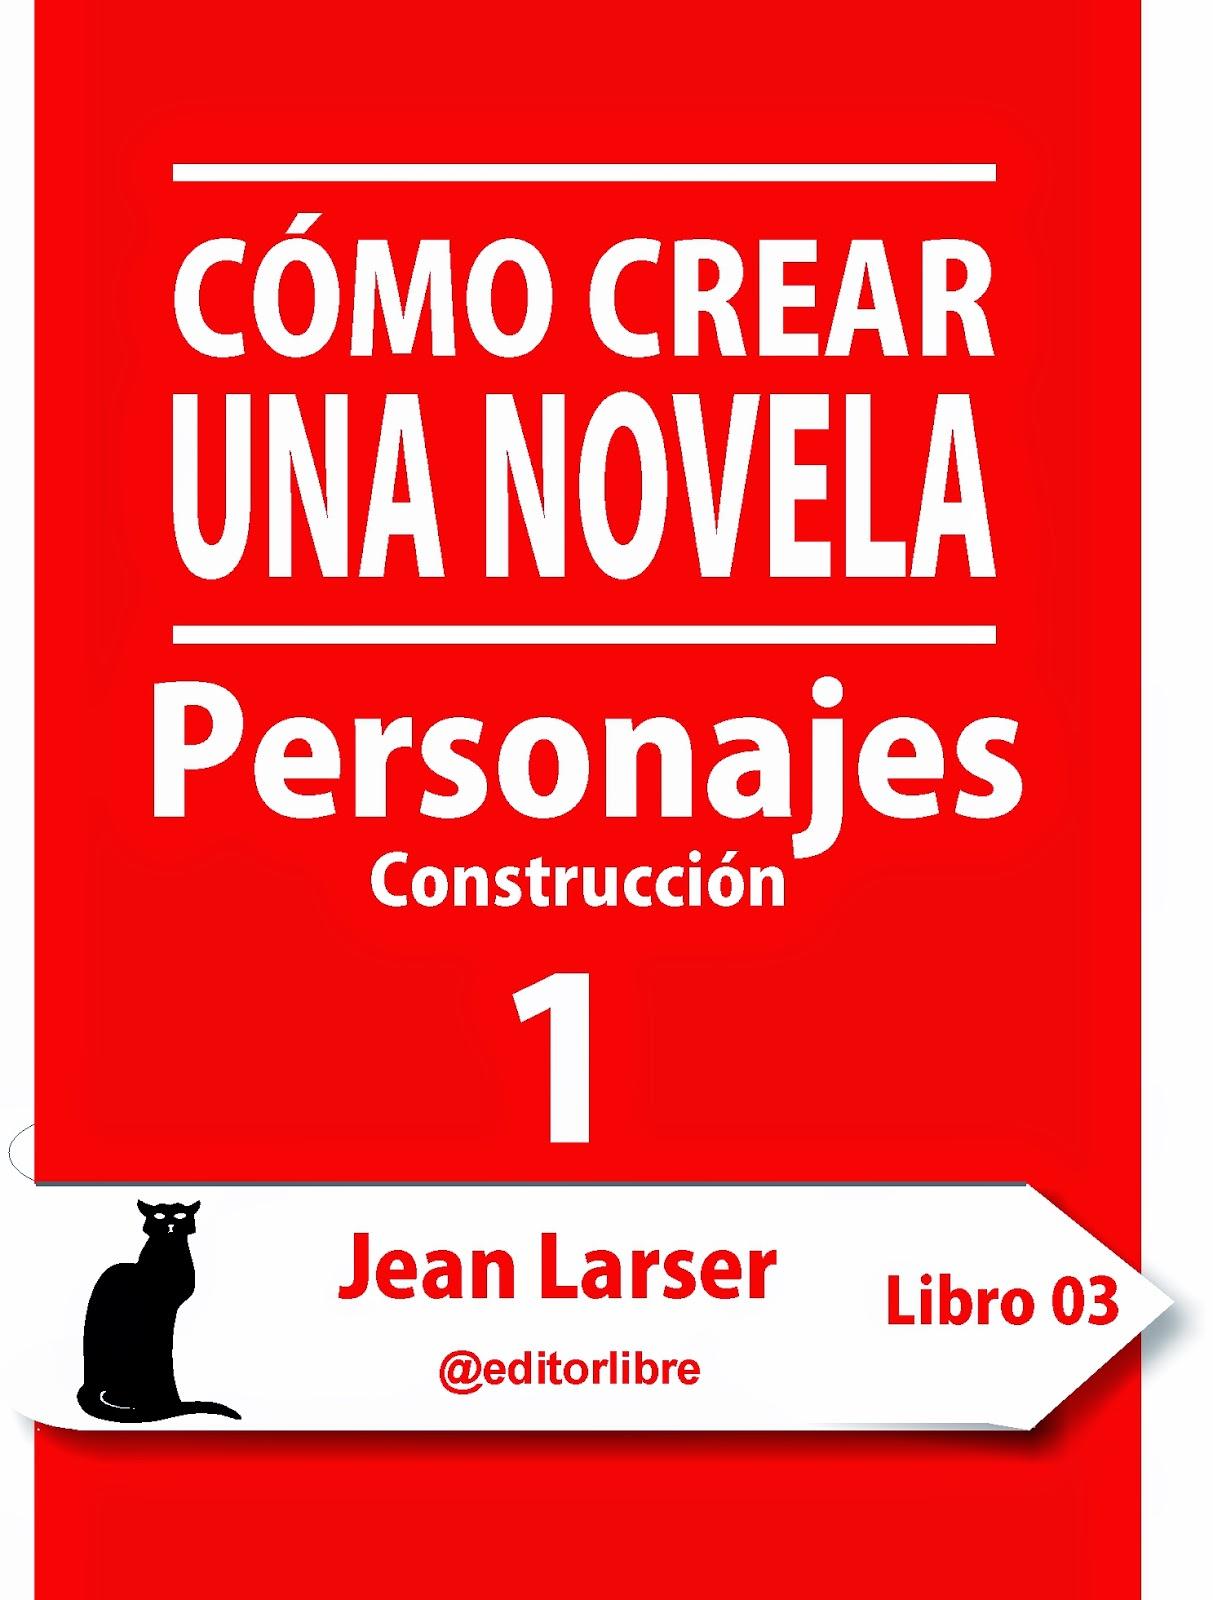 Portada de cómo crear una novela. Personajes 1. La construcción de personajes literarios